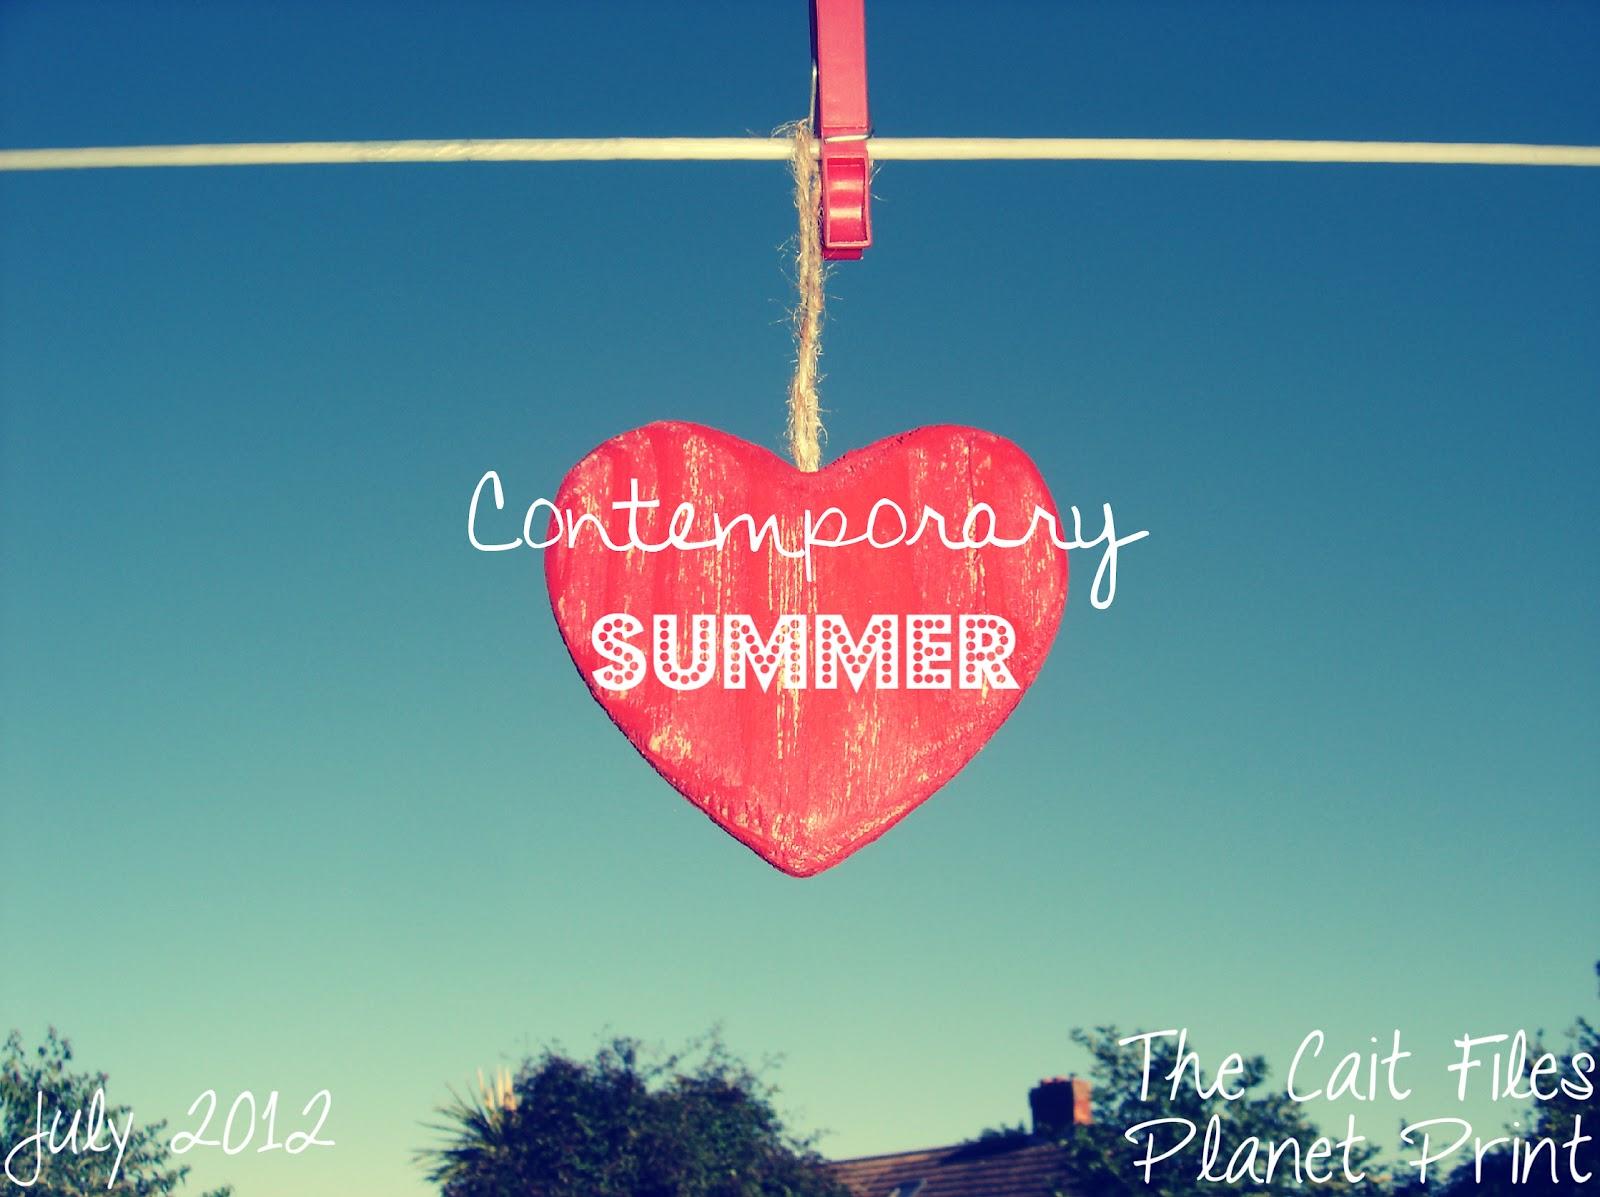 http://1.bp.blogspot.com/-RCEI9bah-Ag/UAAmpyQ68CI/AAAAAAAABT4/Jp6d6tP93y0/s1600/contemp+summer+jpeg+4.jpg